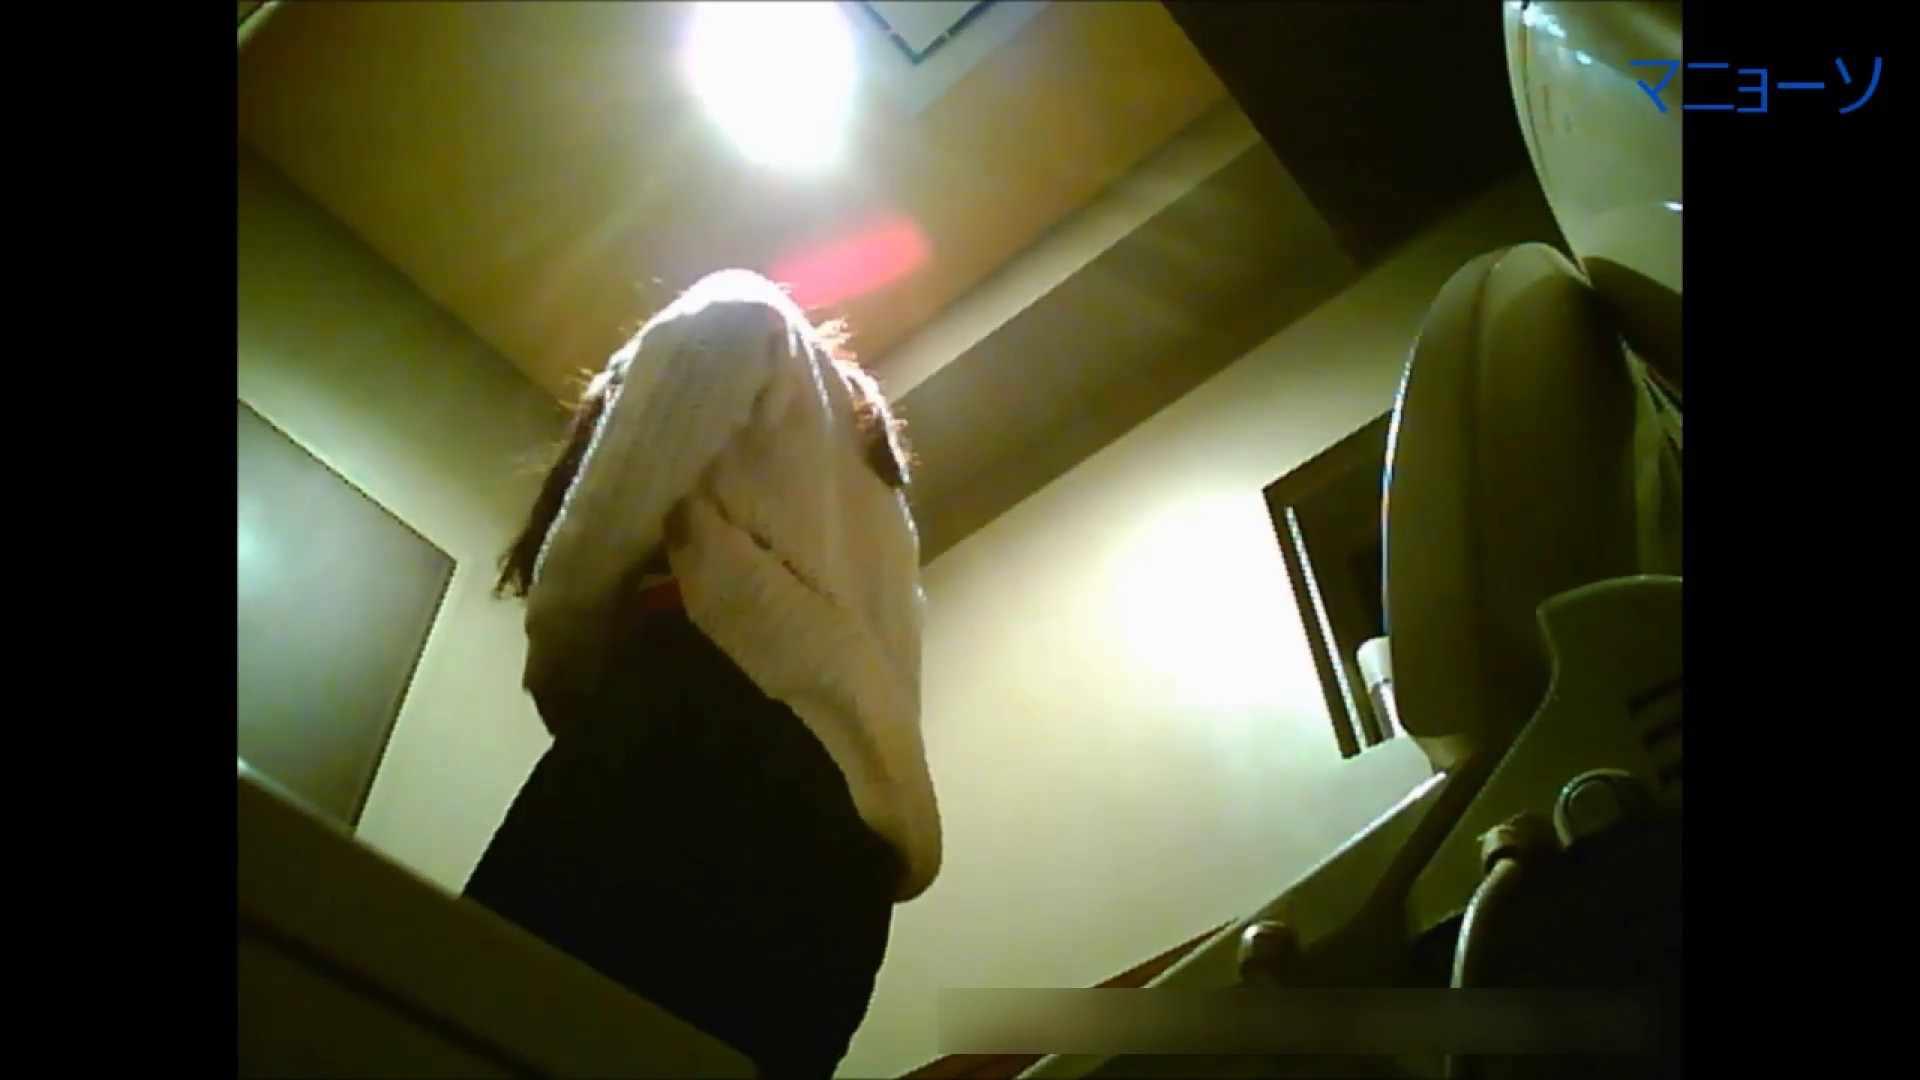 トイレでひと肌脱いでもらいました (JD編)Vol.01 トイレ | OLの実態  53pic 49